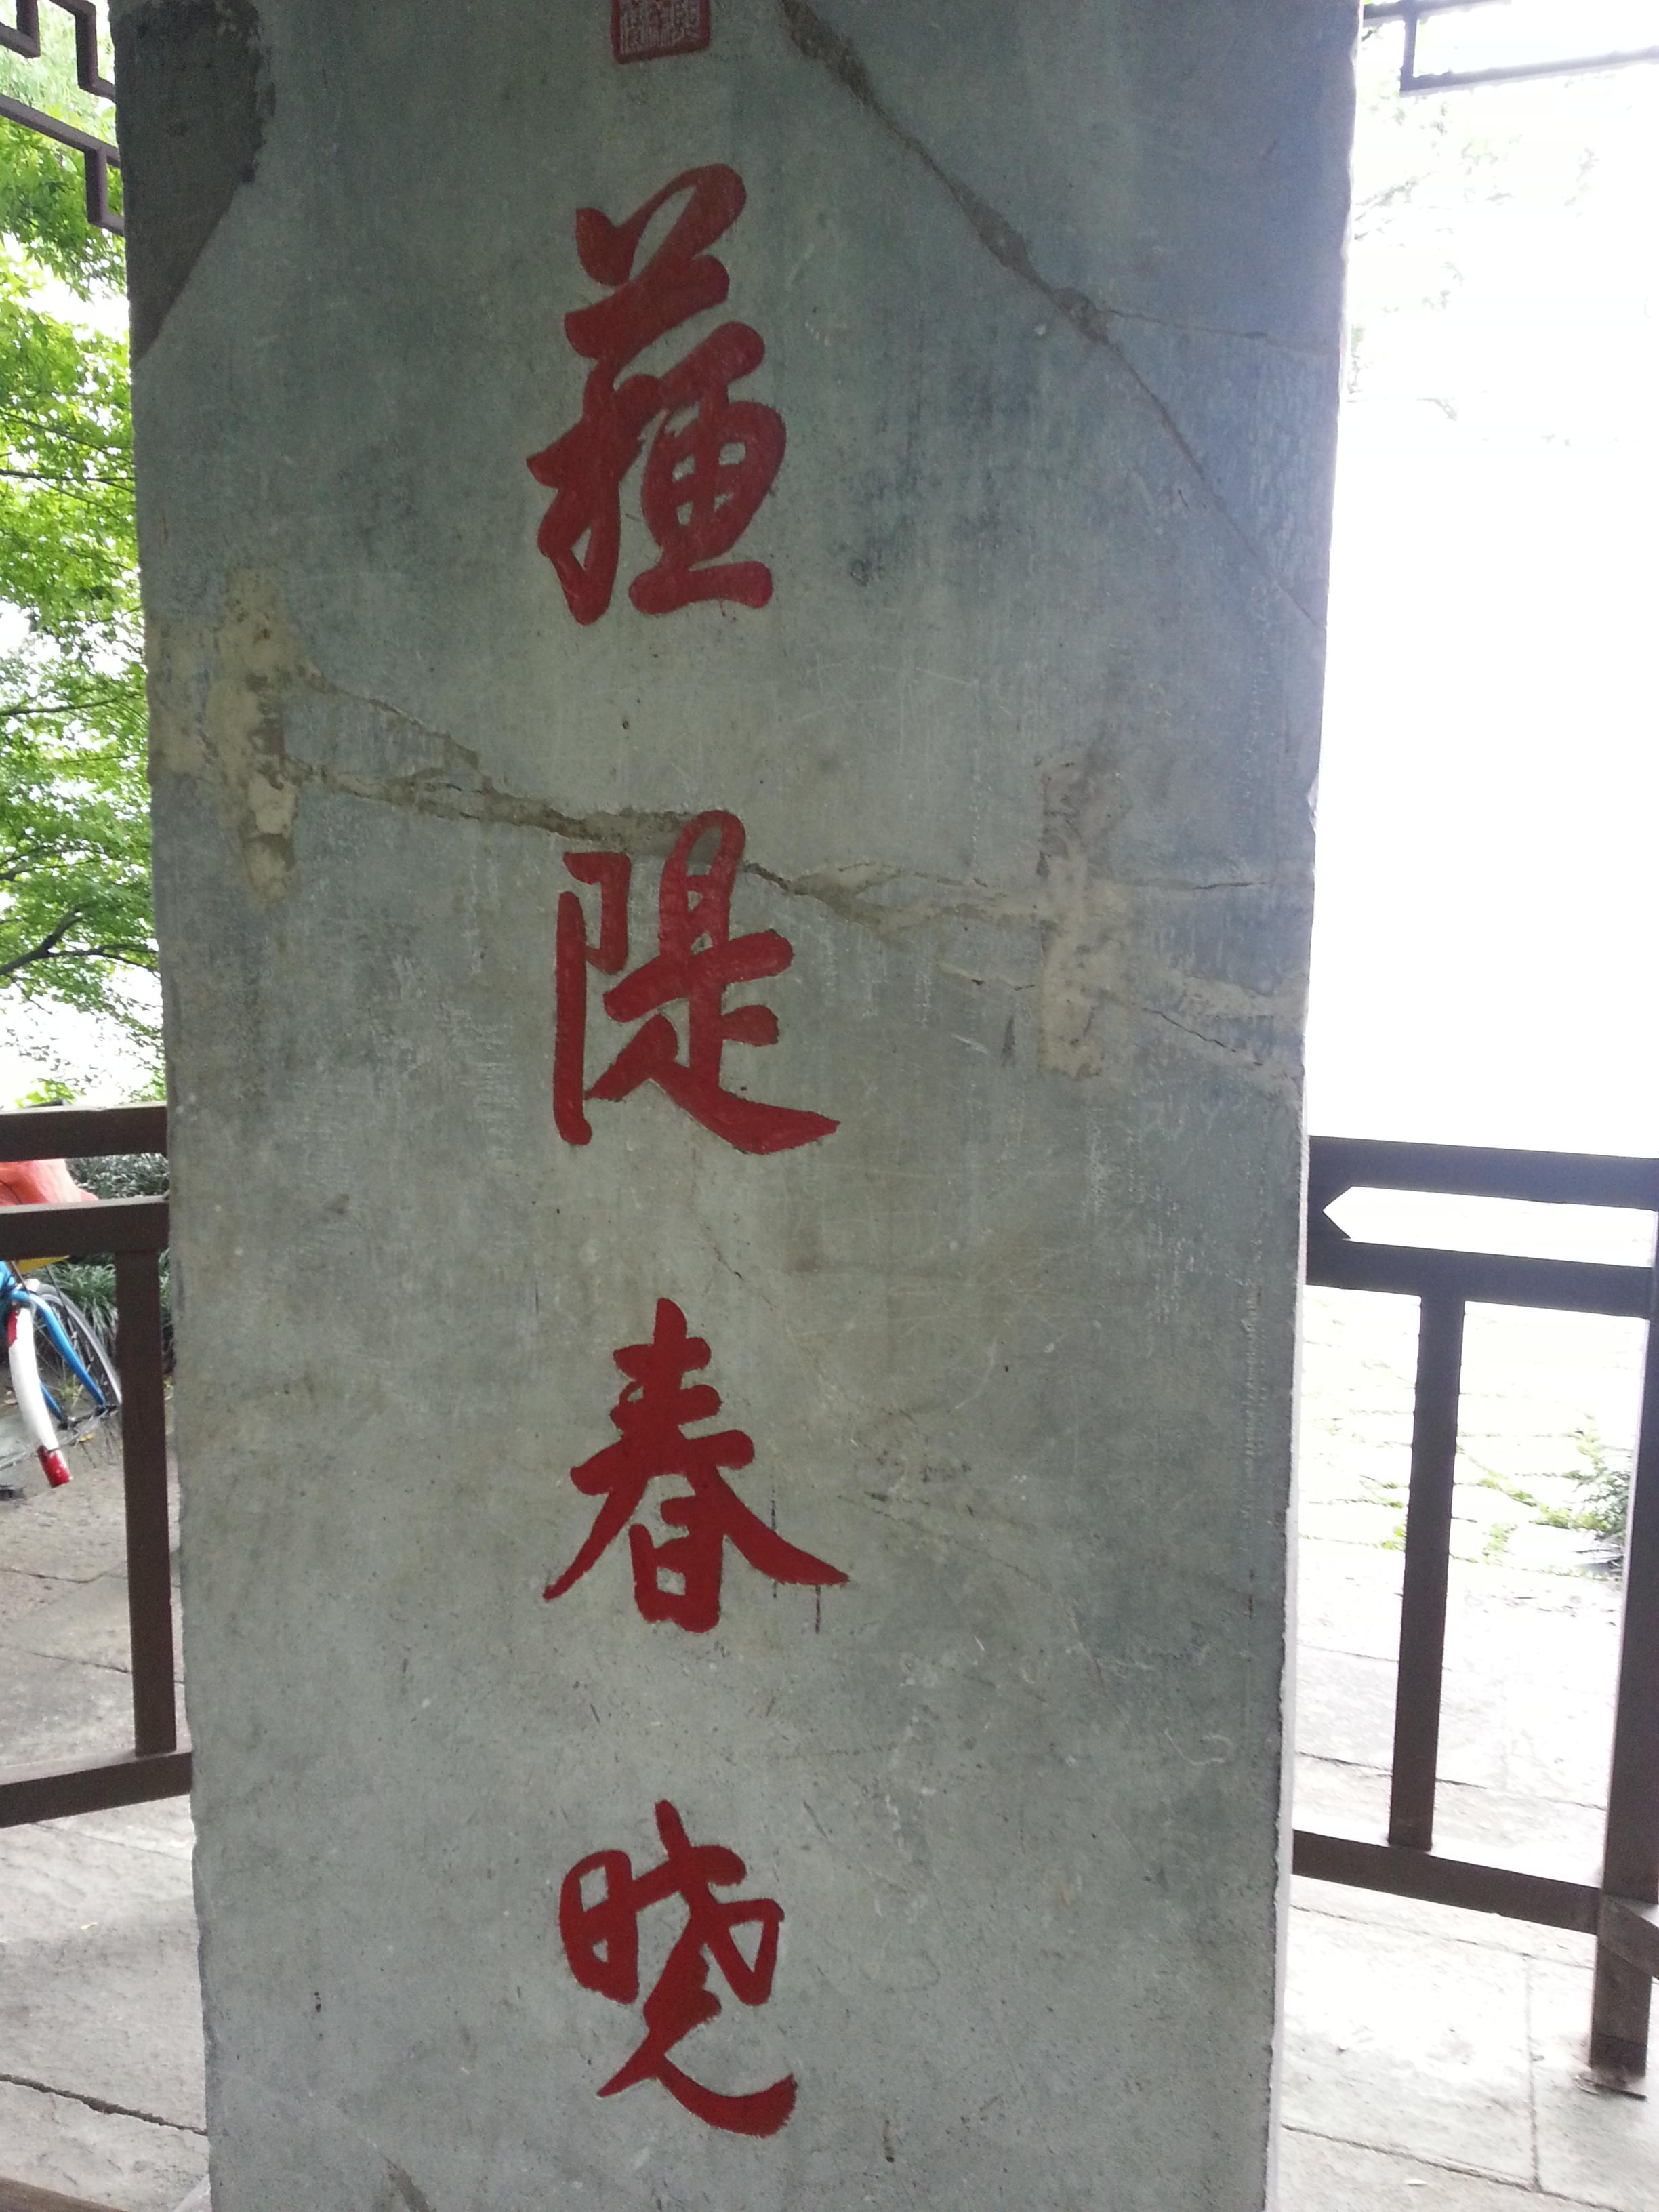 魅力杭州,人间天堂! - jxlwse666888999 - 幸福一生